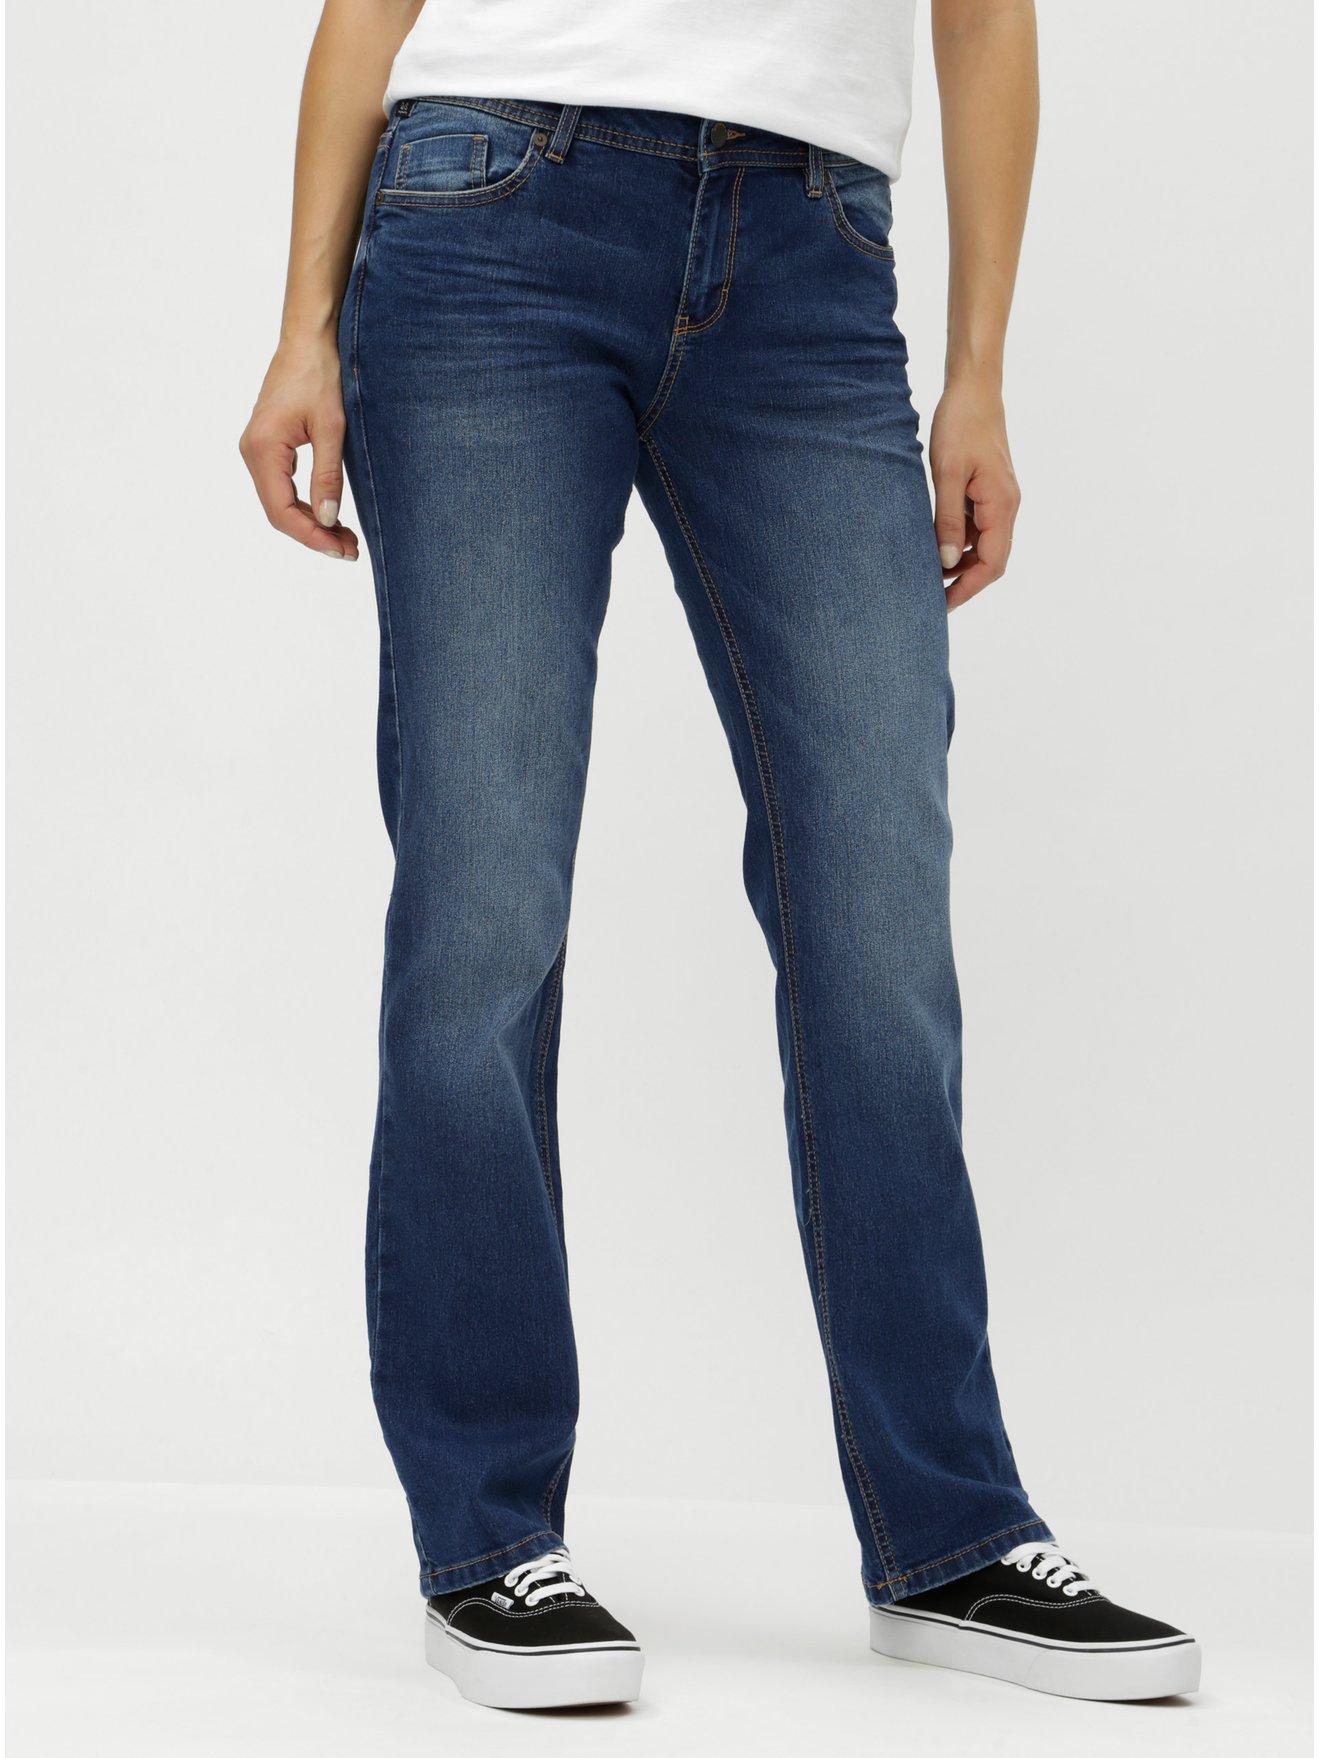 Modré dámské straight džíny s vyšisovaným efektem s.Oliver 48a8ae483d